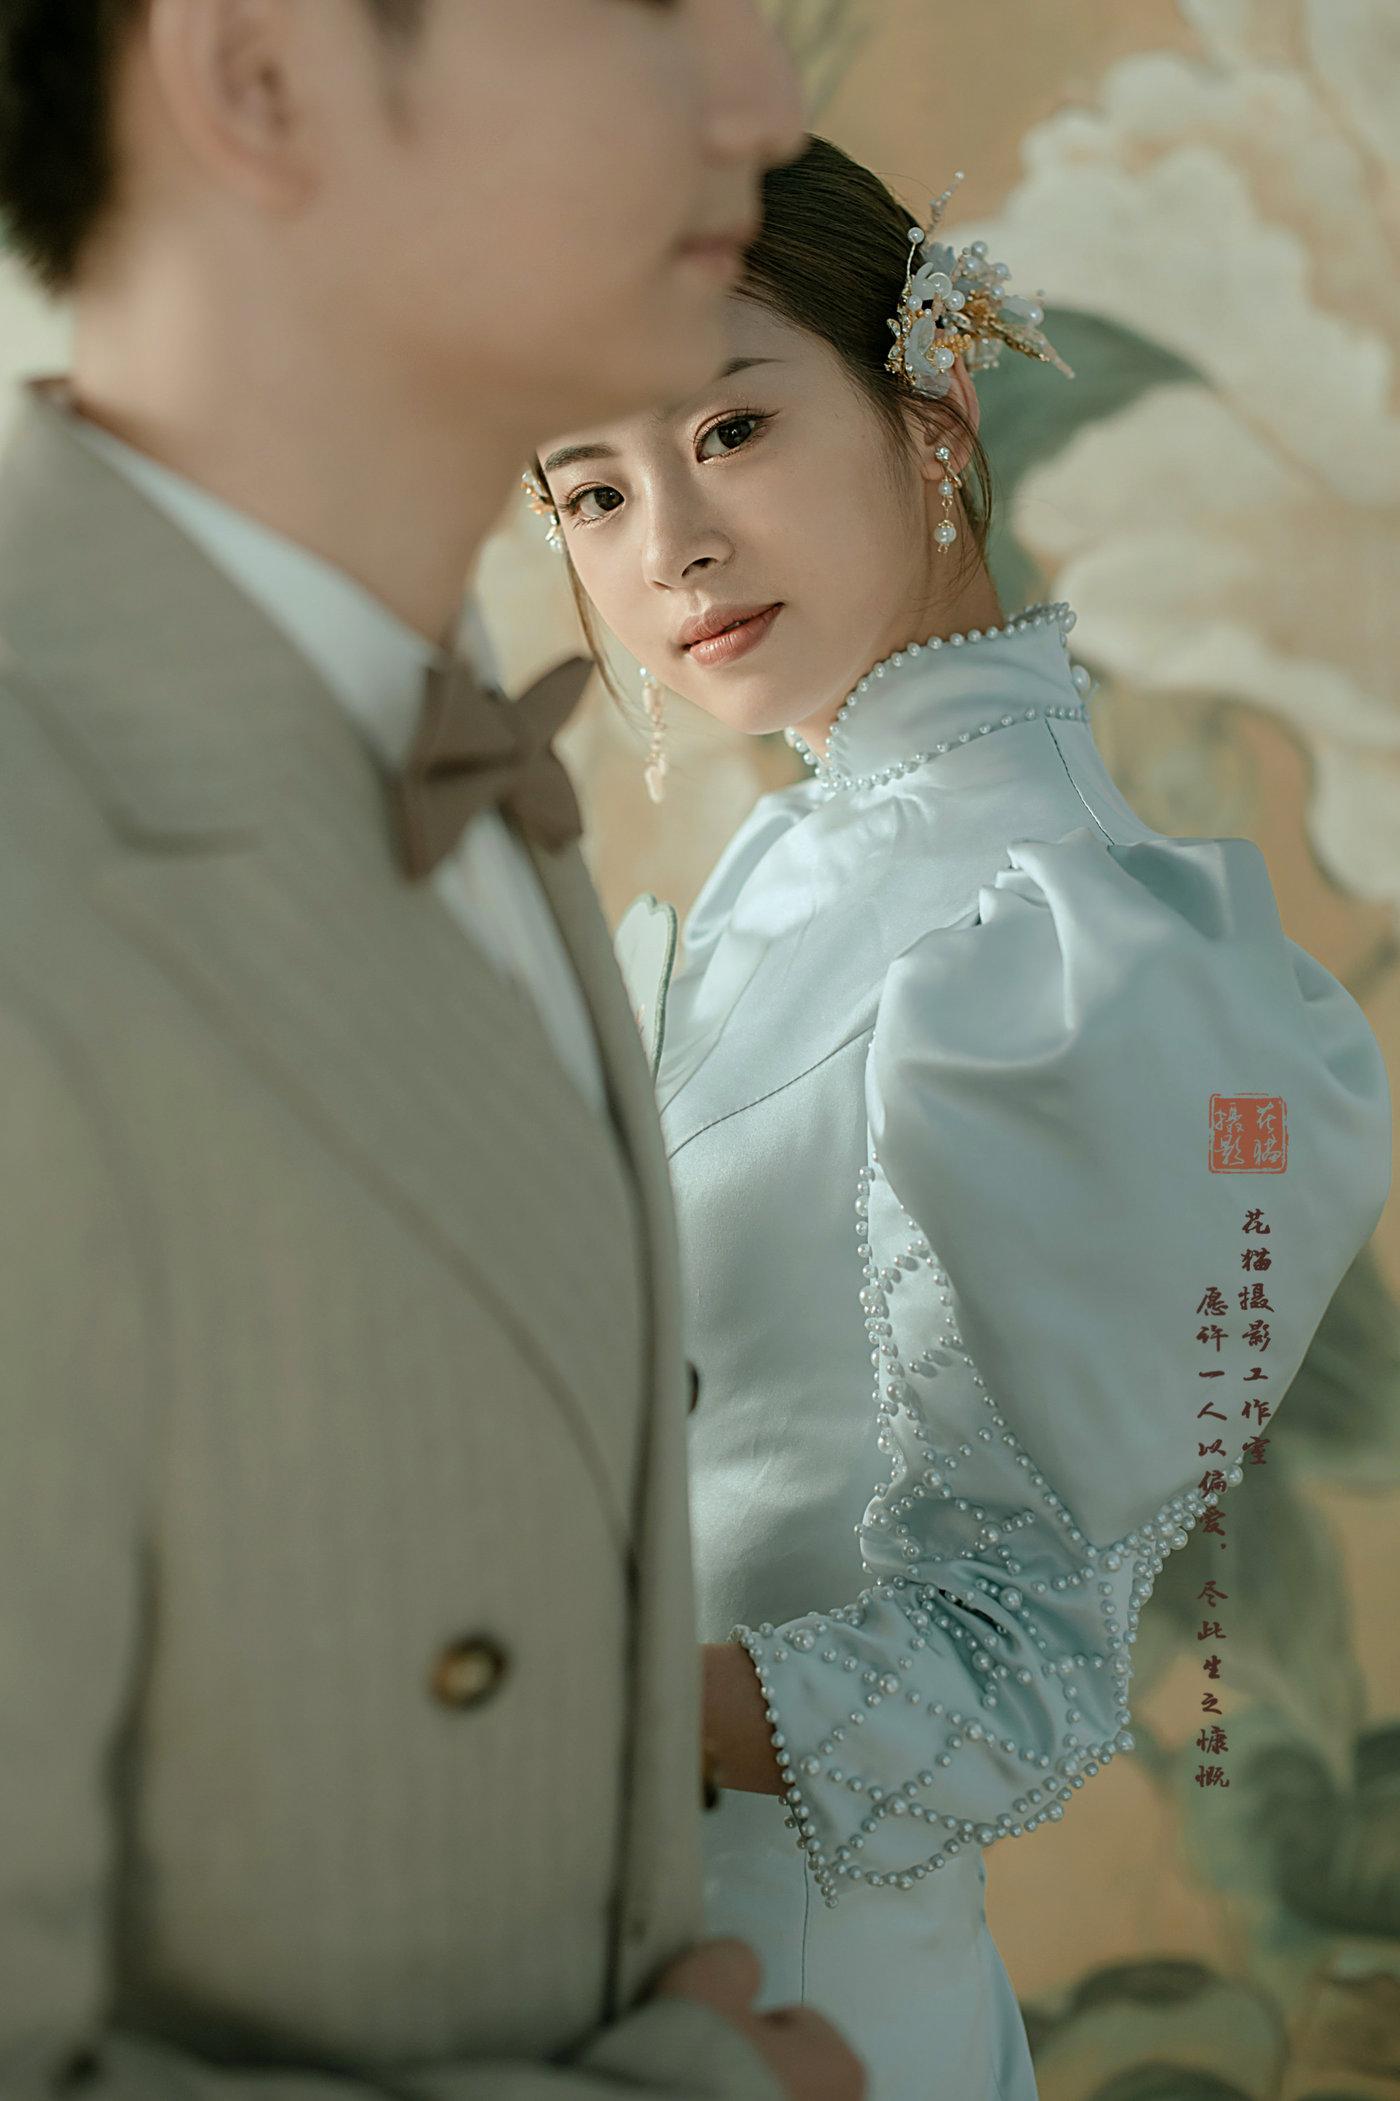 小家碧玉温婉情韵,一见倾心中式美学0